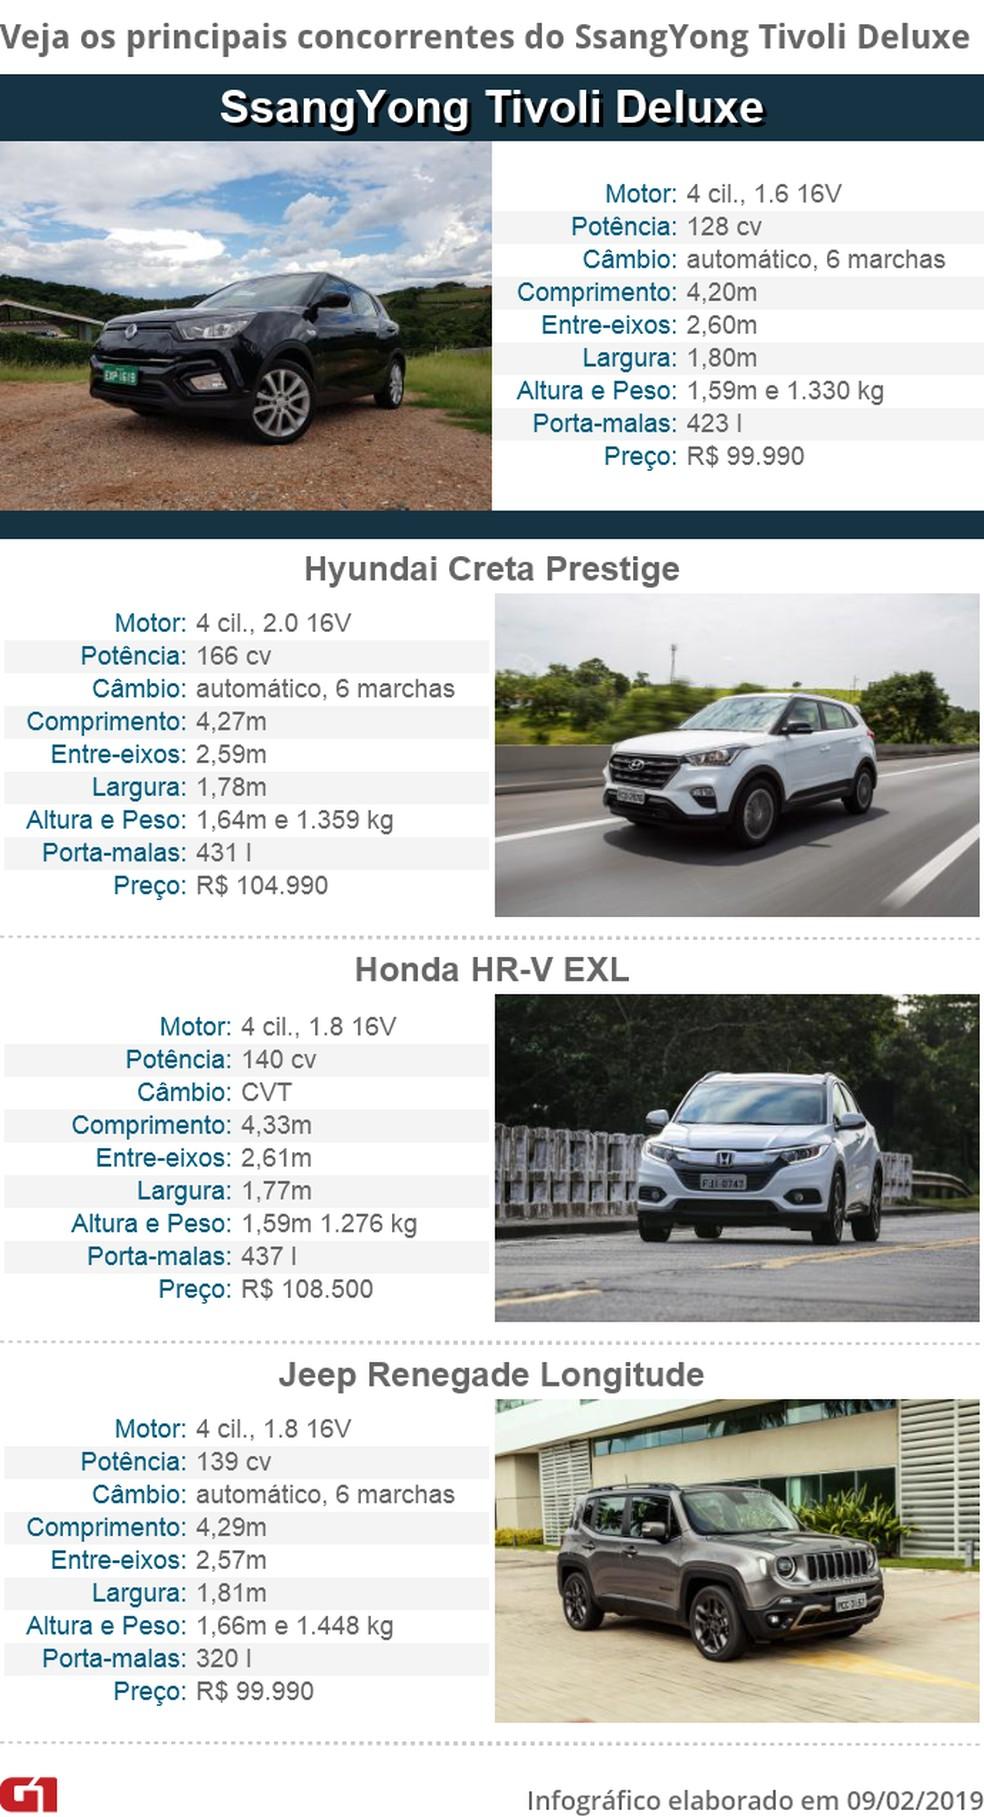 Tabela de concorrentes do SsangYong Tivoli — Foto: Guilherme Fontana/G1 e Divulgação